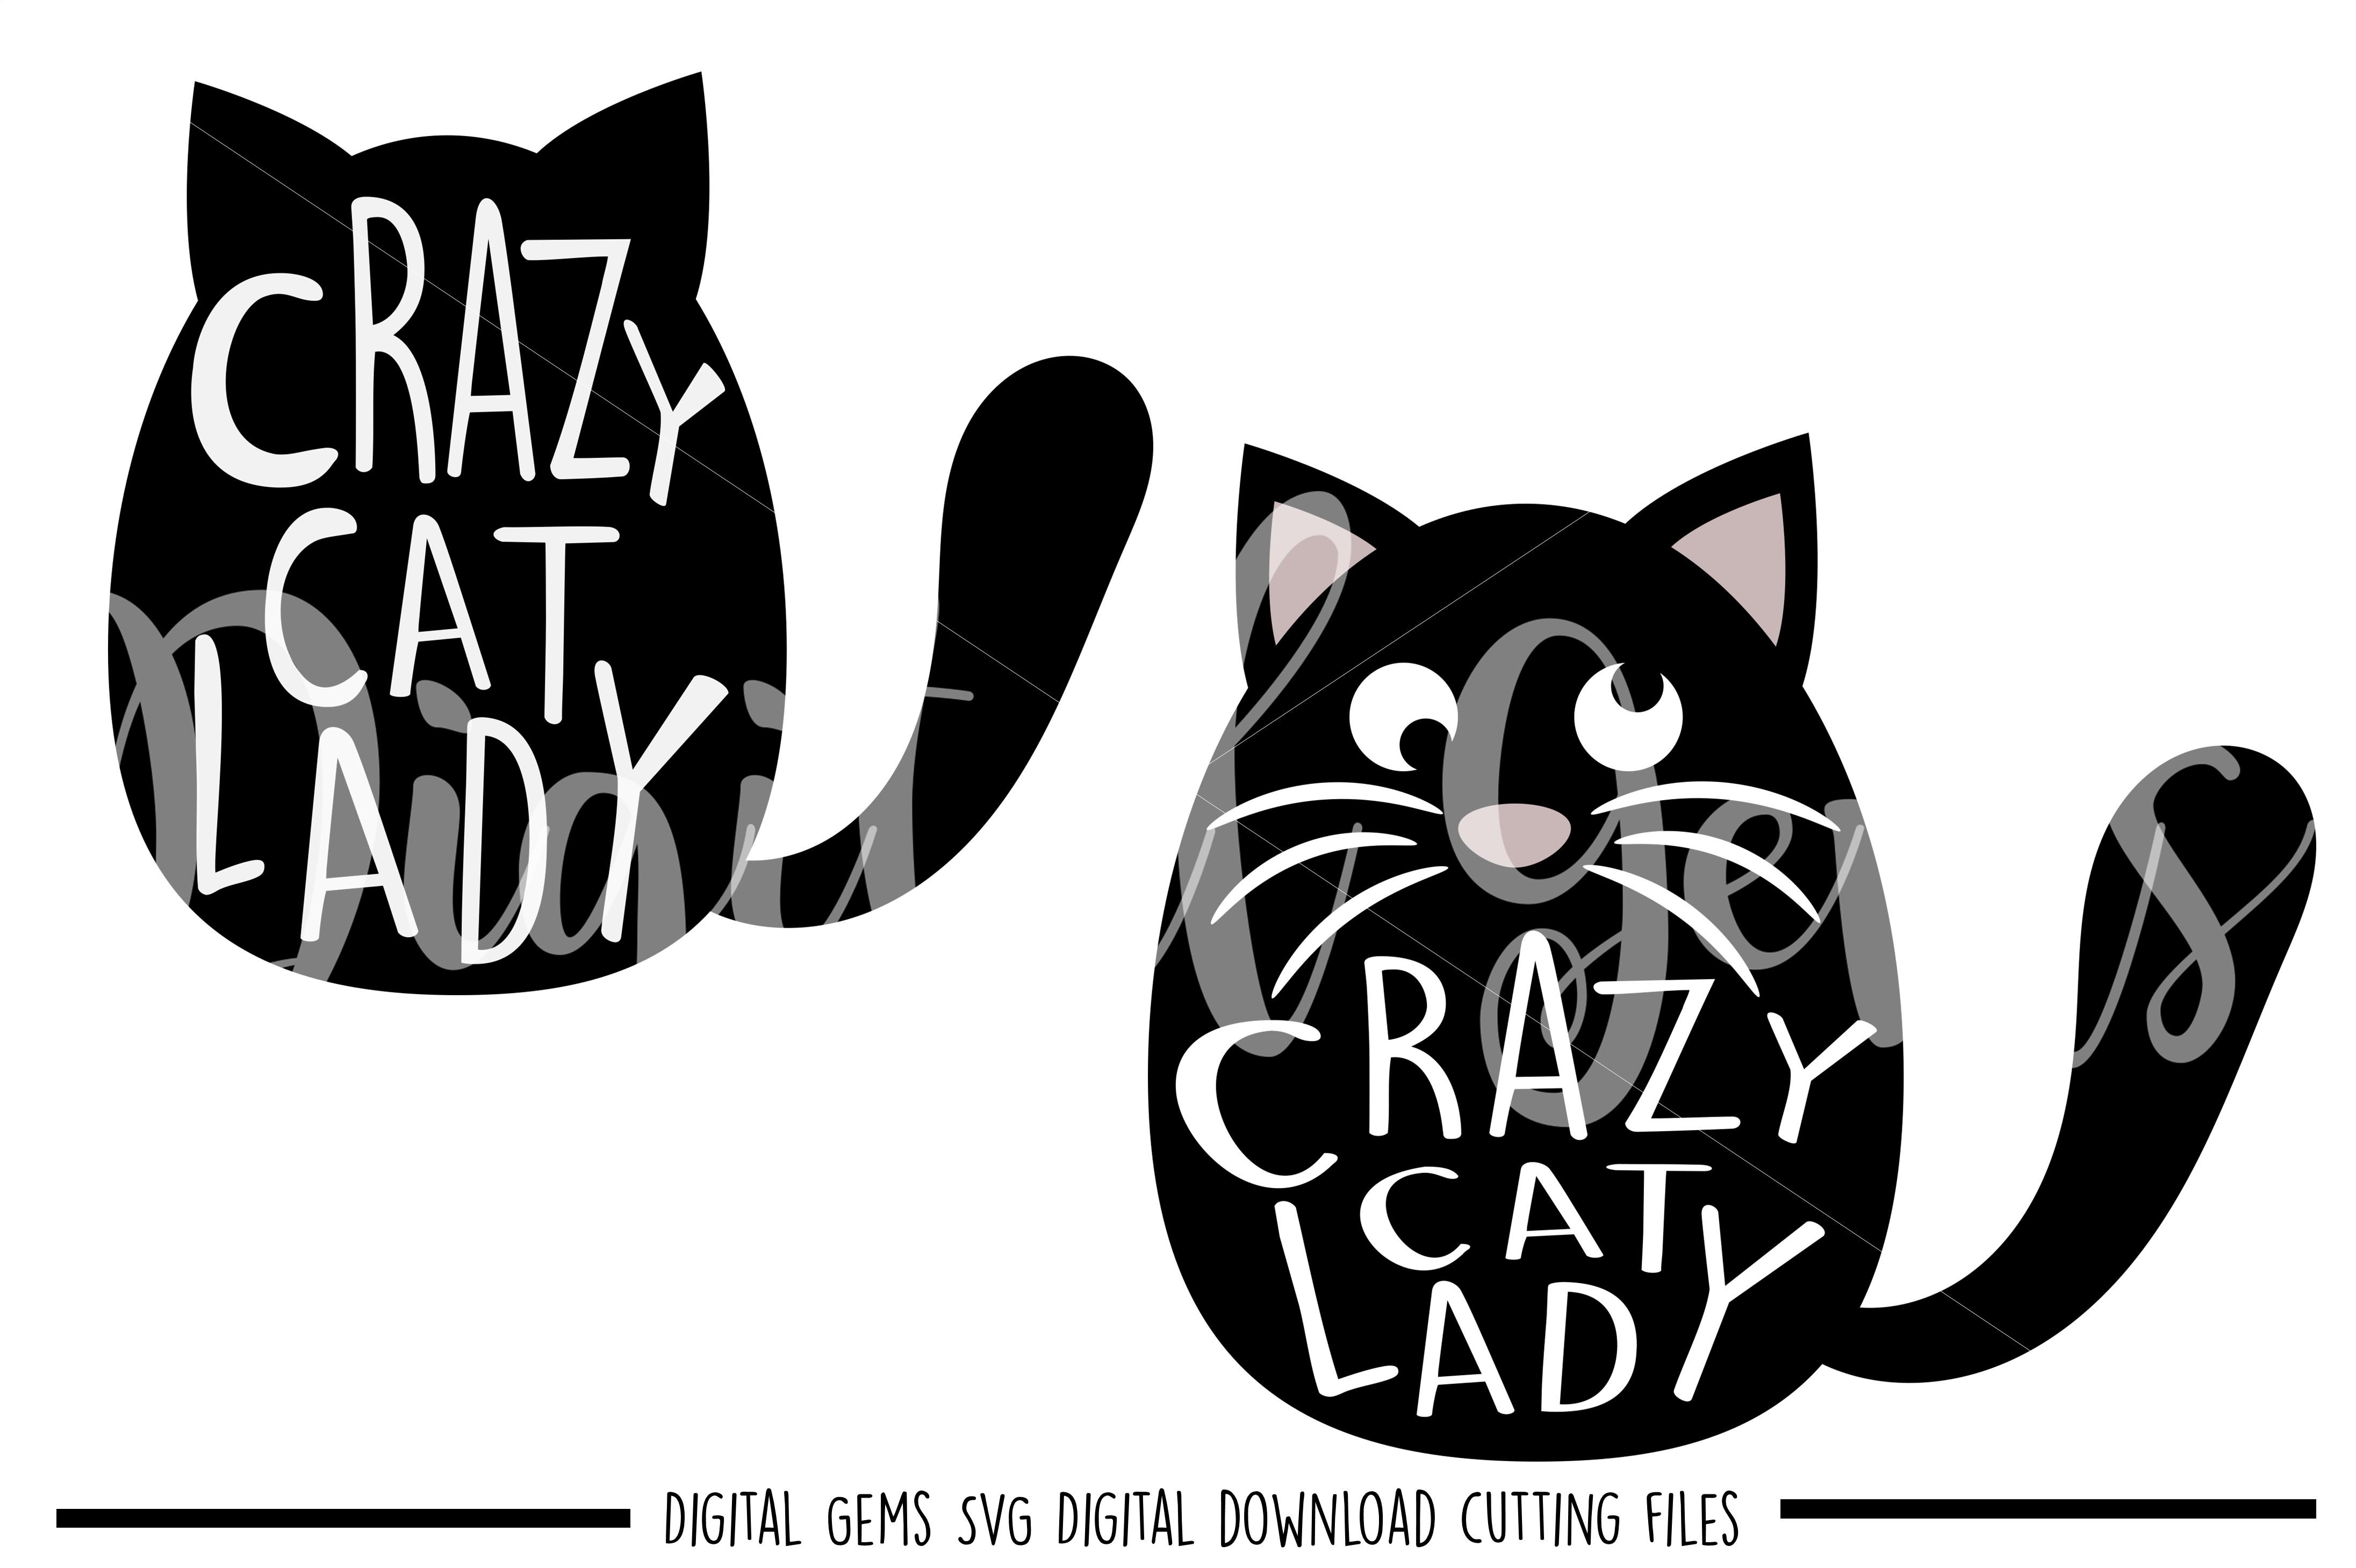 Crazy Cat Lady Svg Png Eps Dxf Files 48794 Svgs Design Bundles